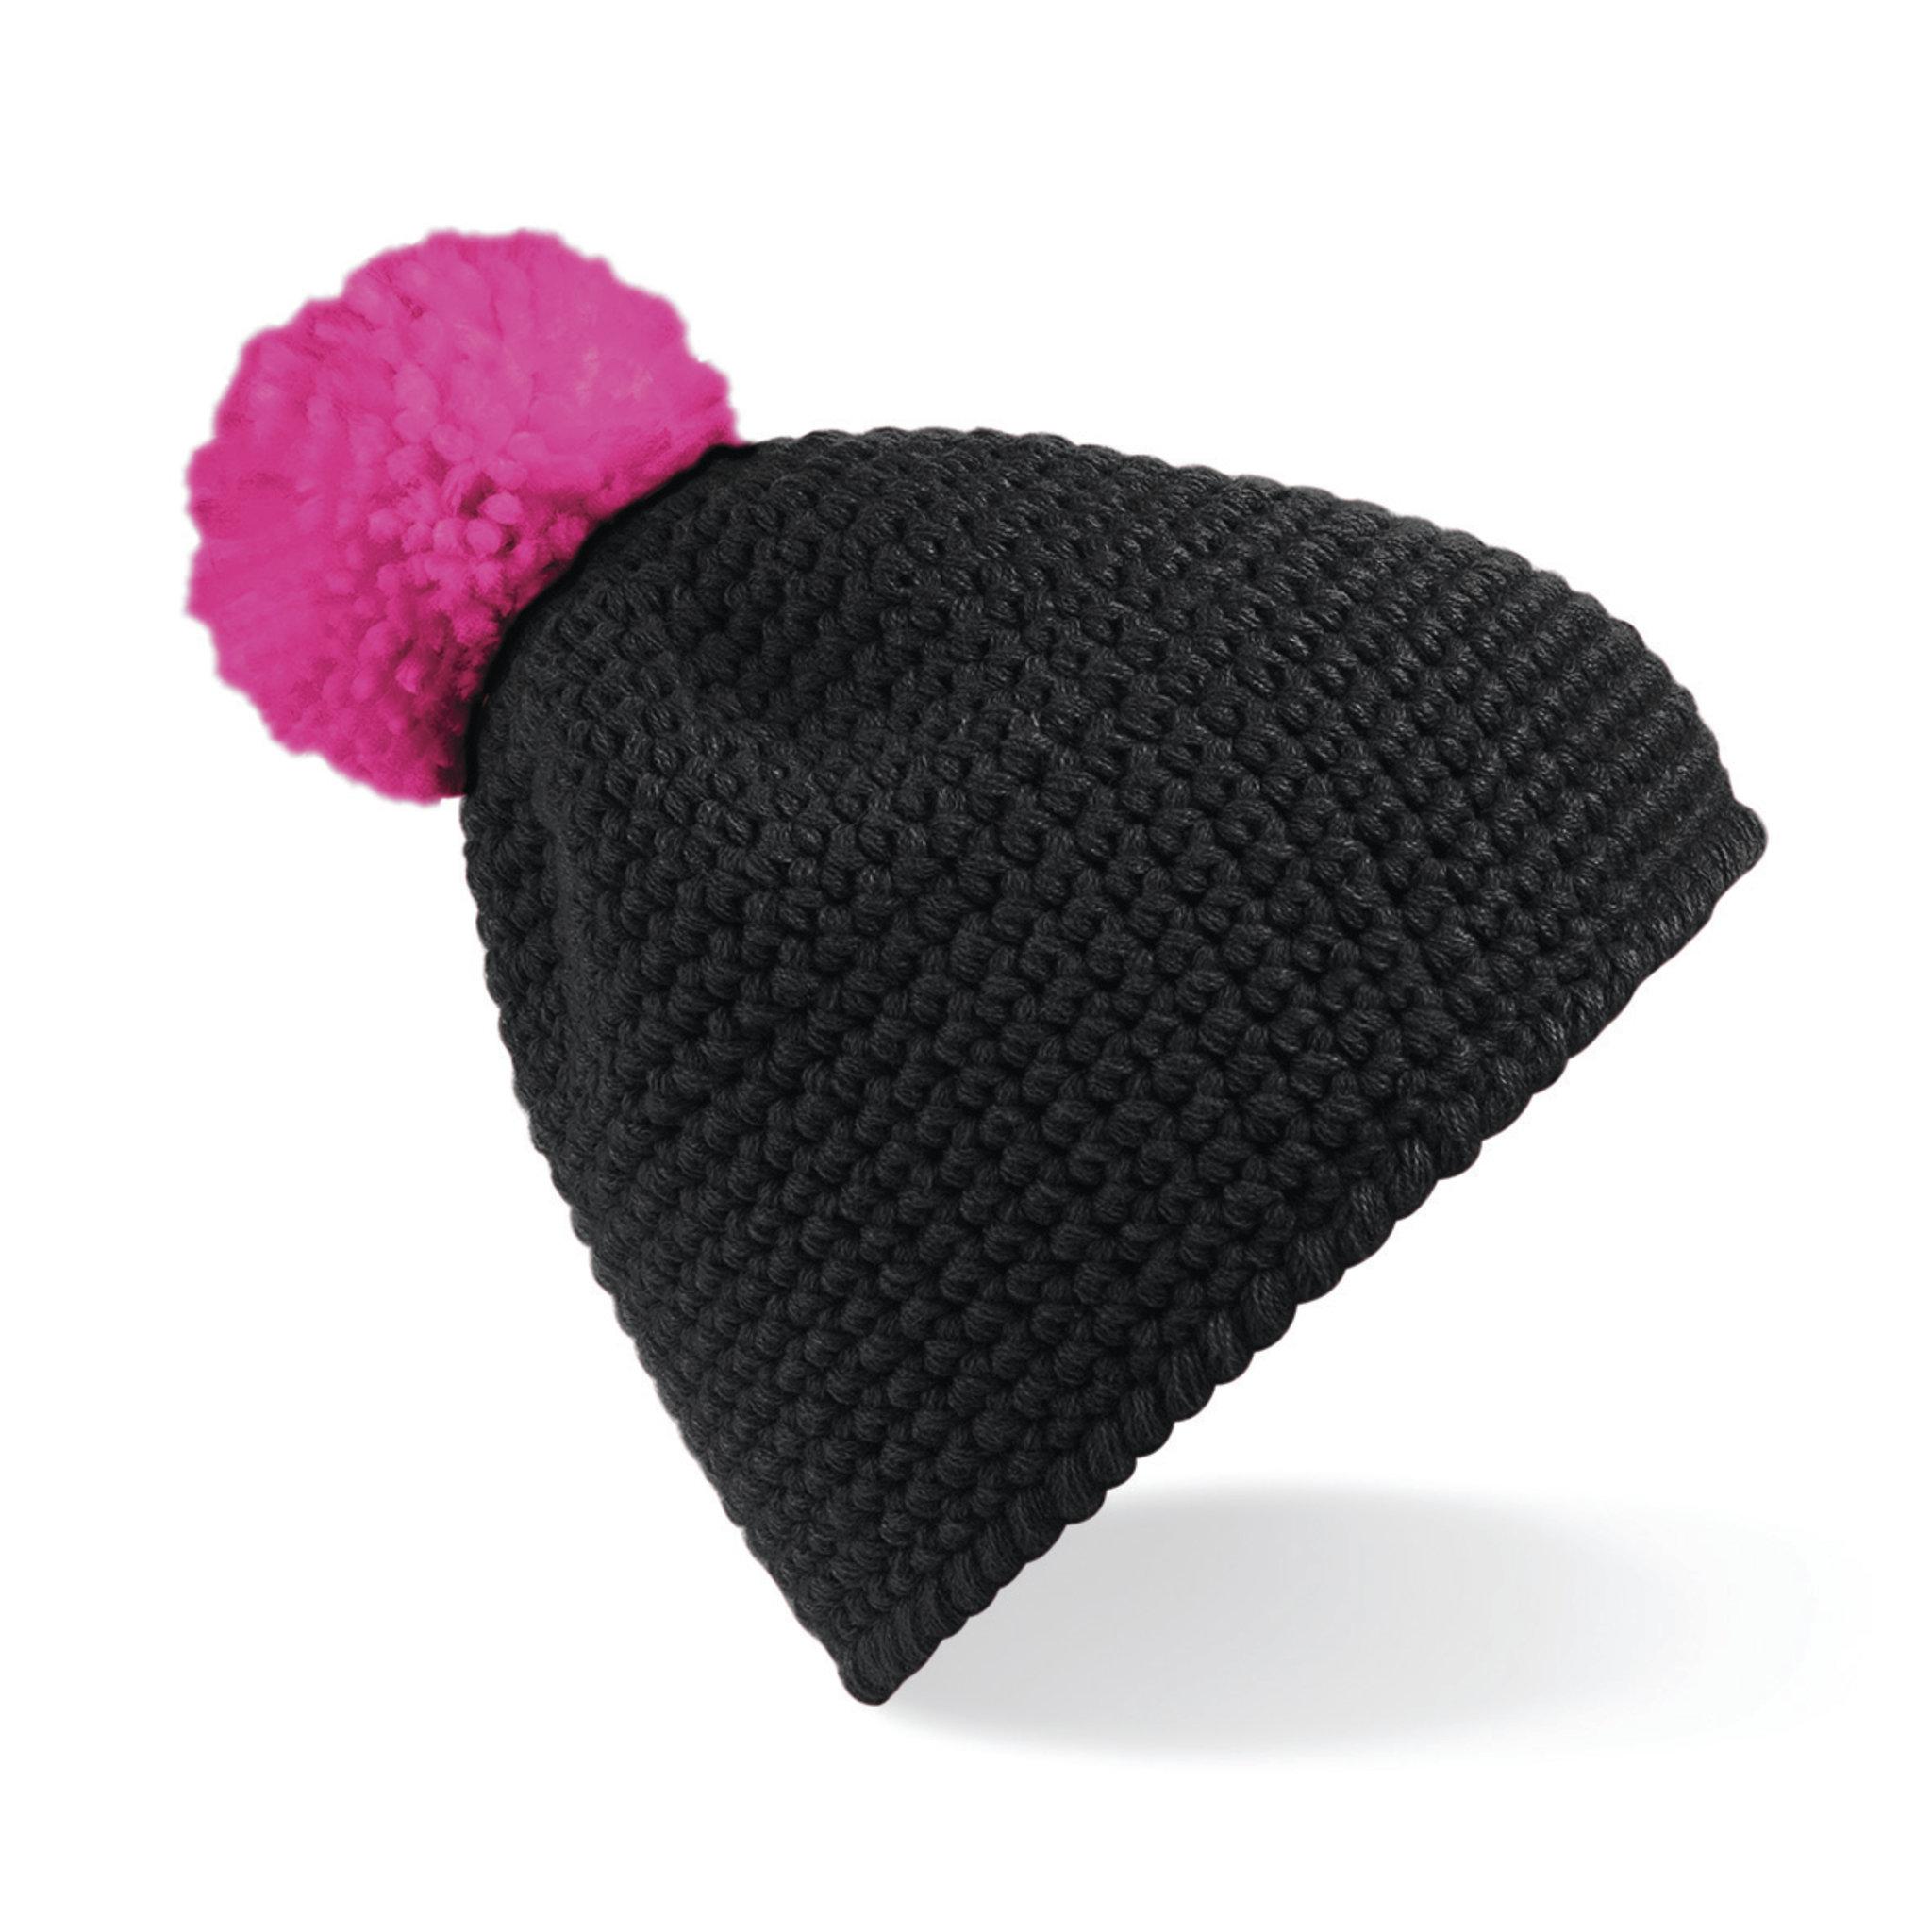 Bonnet promotionnel Waffle - bonnet personnalisable noir/fuchsia